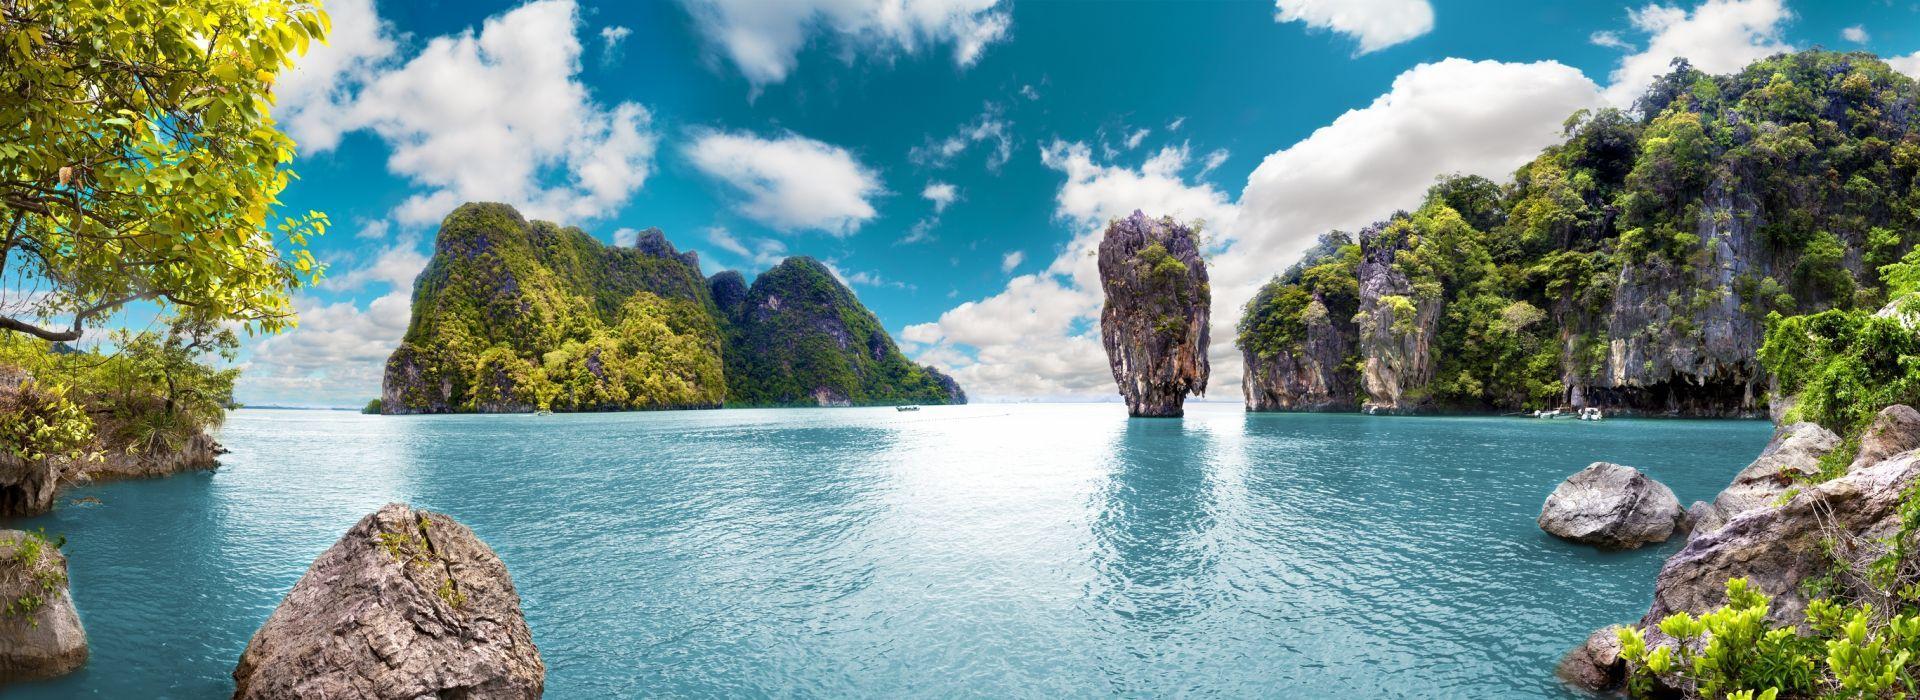 Zip lining Tours in Bangkok